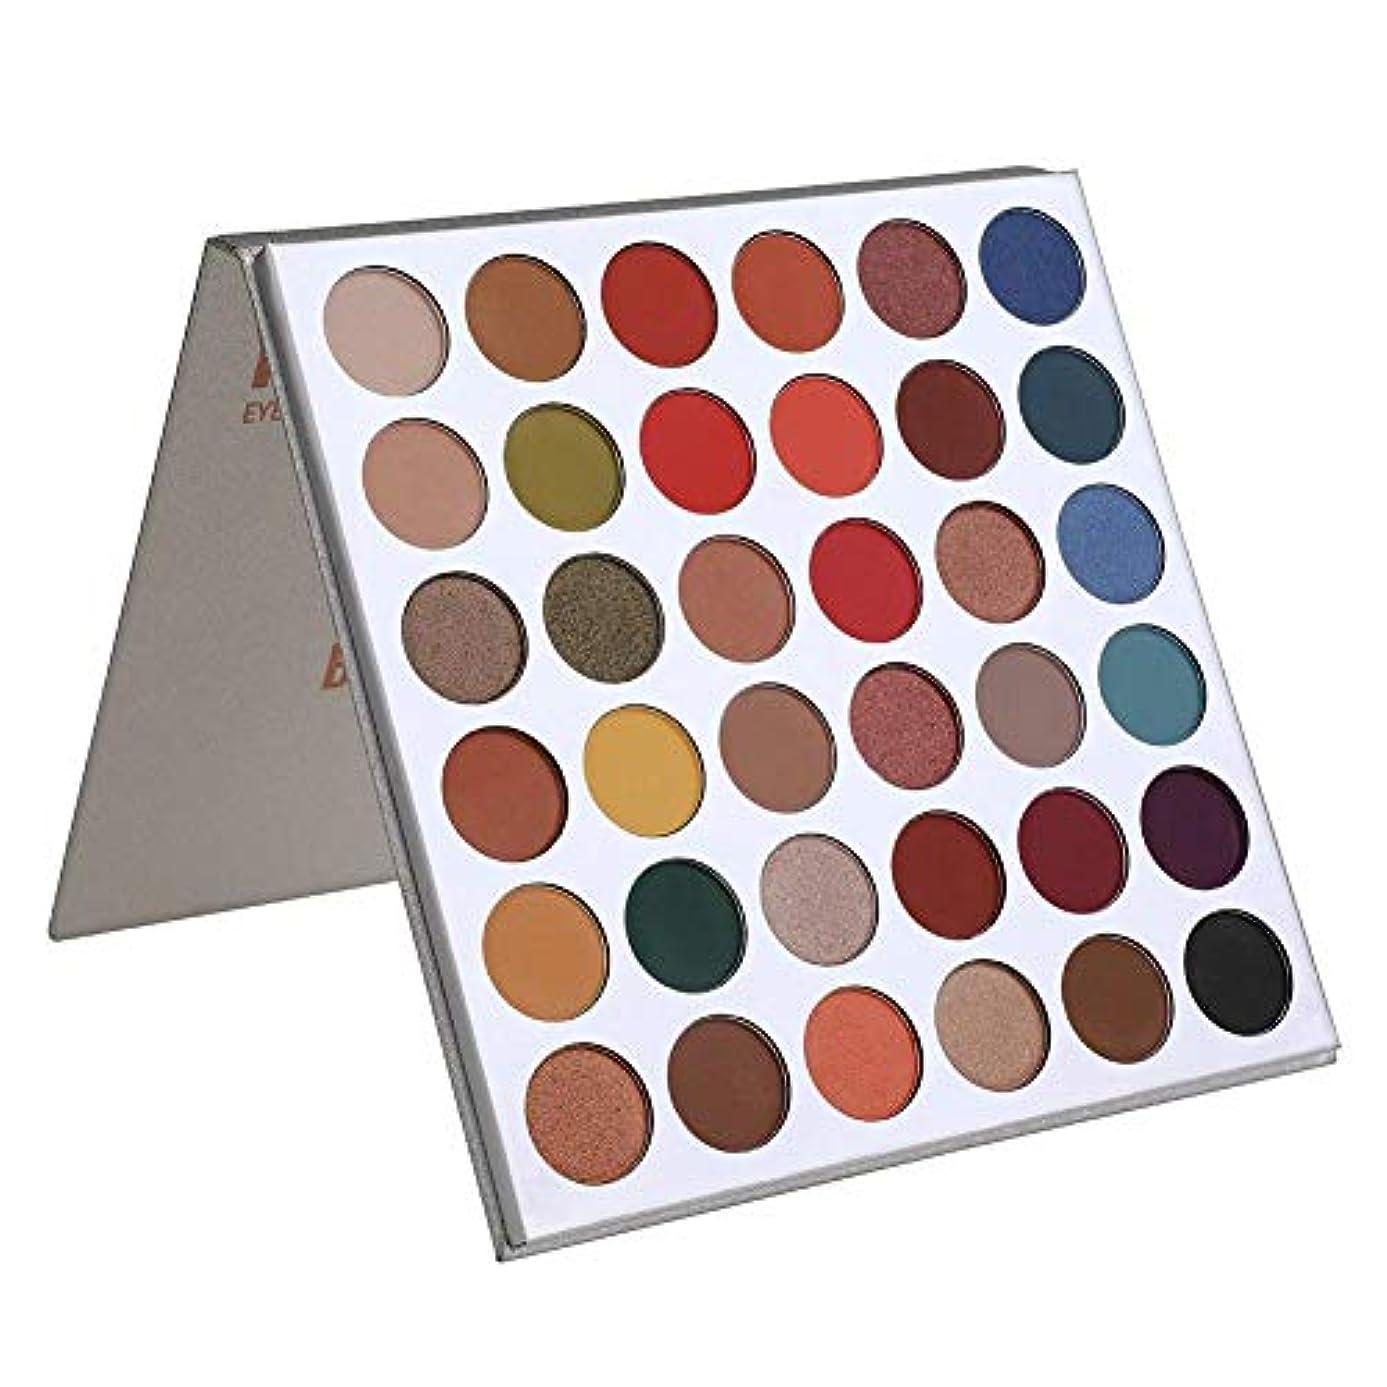 力または対人Brill(ブリーオ)最高のプロアイシャドウマットパレットメイクアイシャドウプロフェッショナル完璧なファイル暖かいナチュラルニュートラルスモーキーパレットアイメイクアップシルキーパウダー化粧品36色